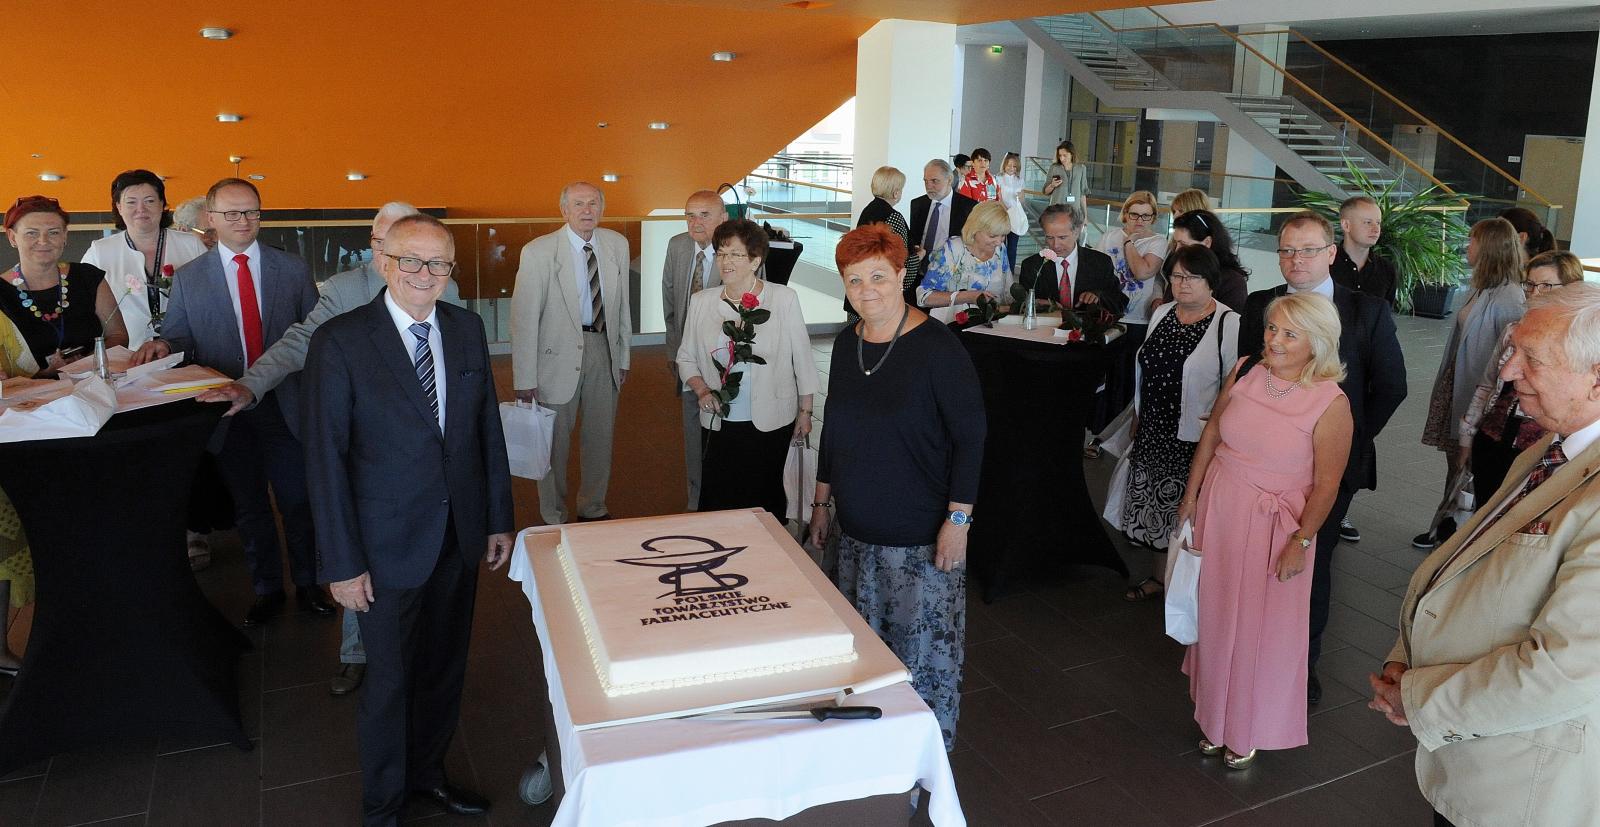 Uroczystość upamiętniająca jubileusz 70-lecia Wrocławskiego Oddziału Polskiego Towarzystwa Farmaceutycznego